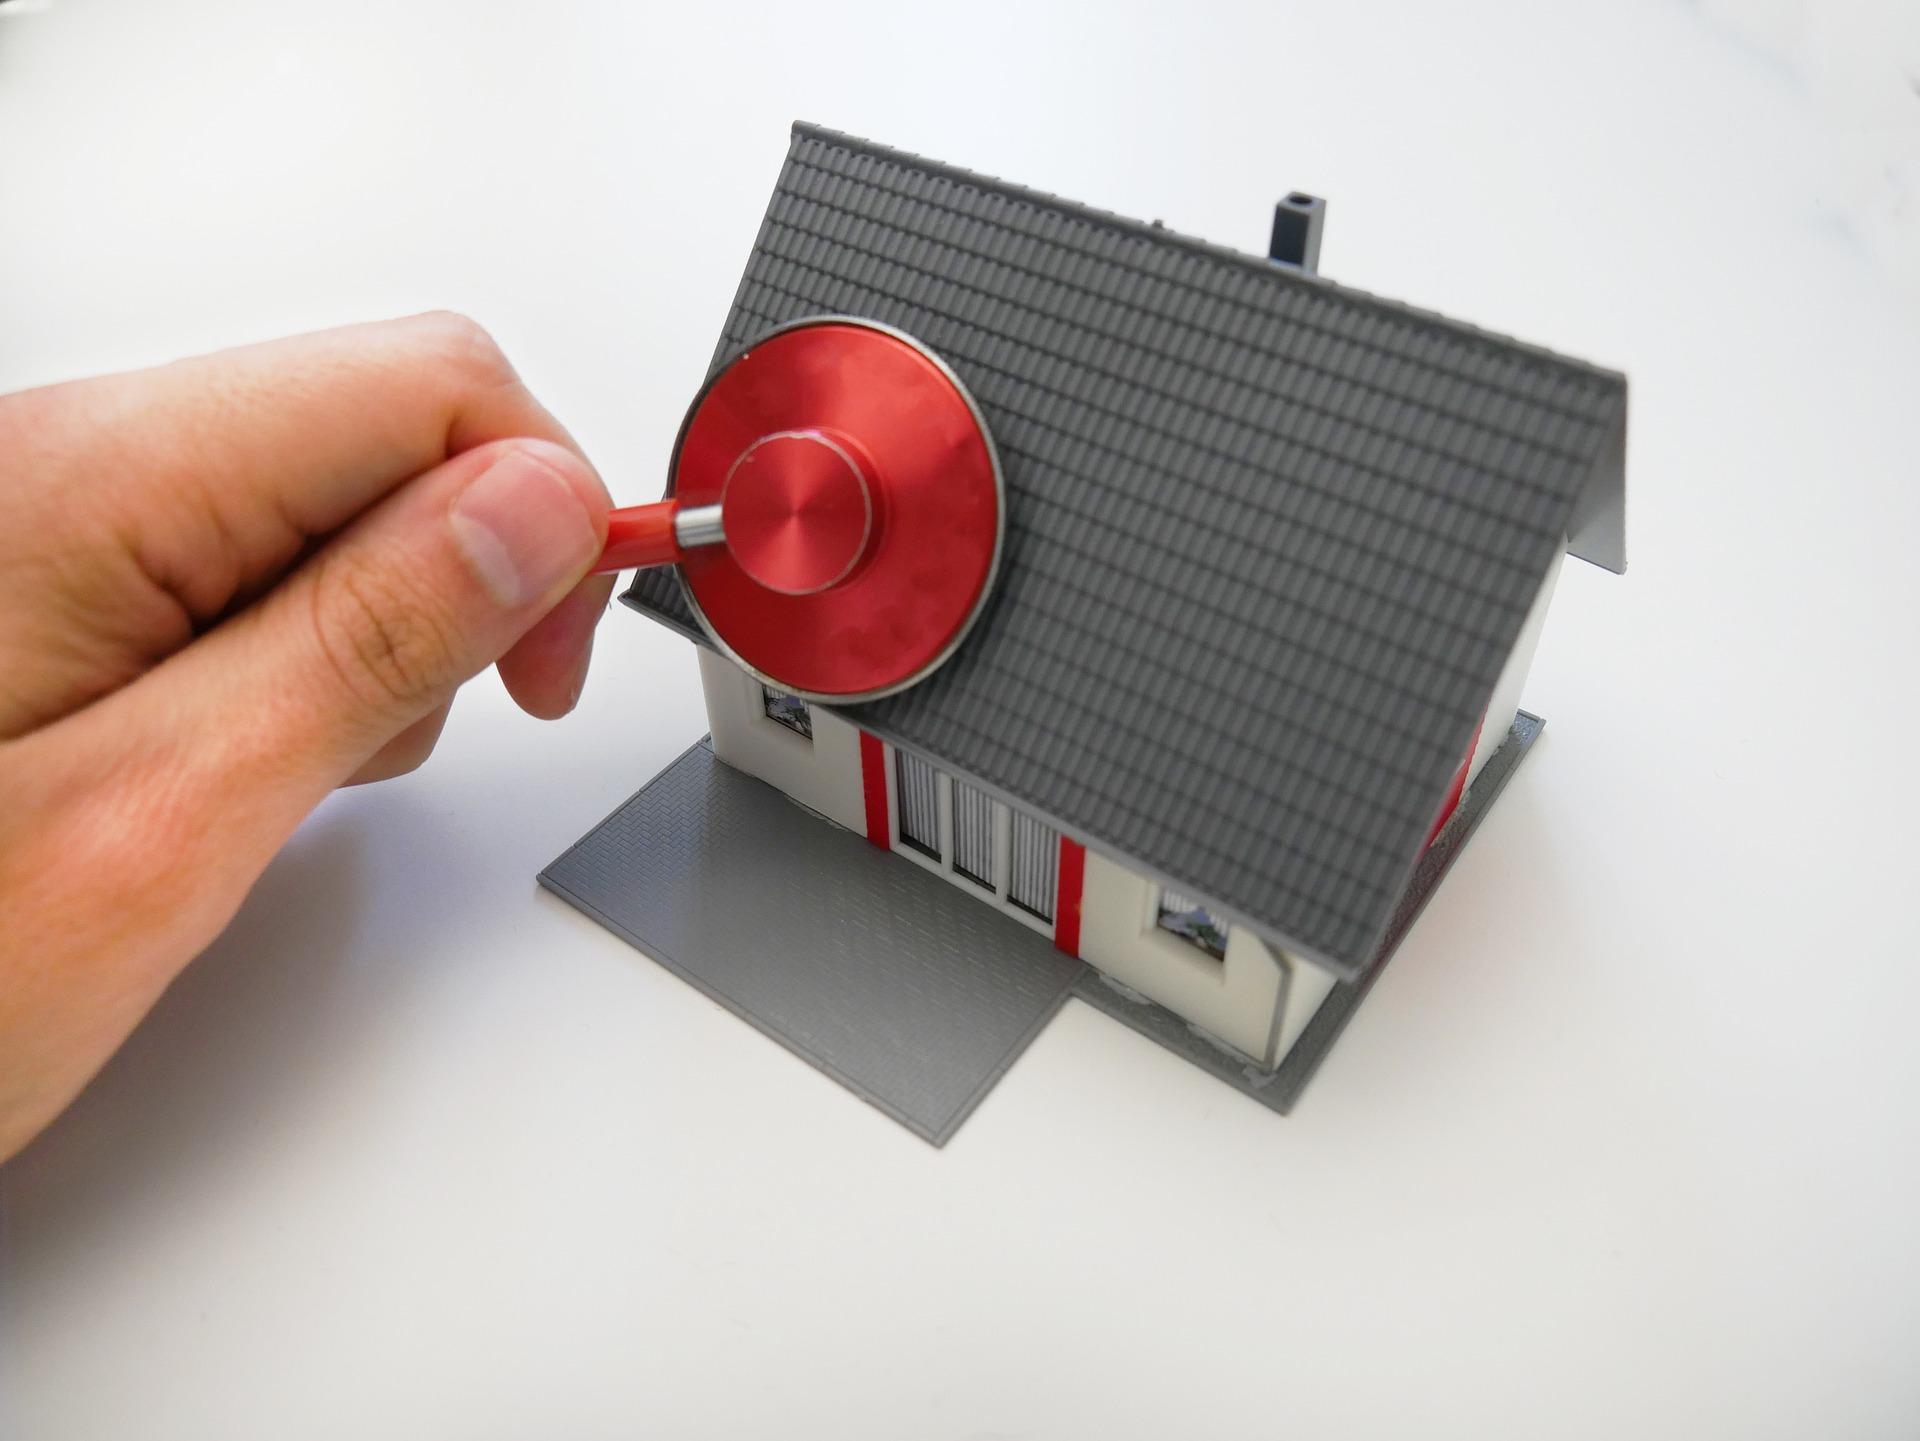 Comment procéder à une résiliation d'assurance habitation avec la loi chatel ?